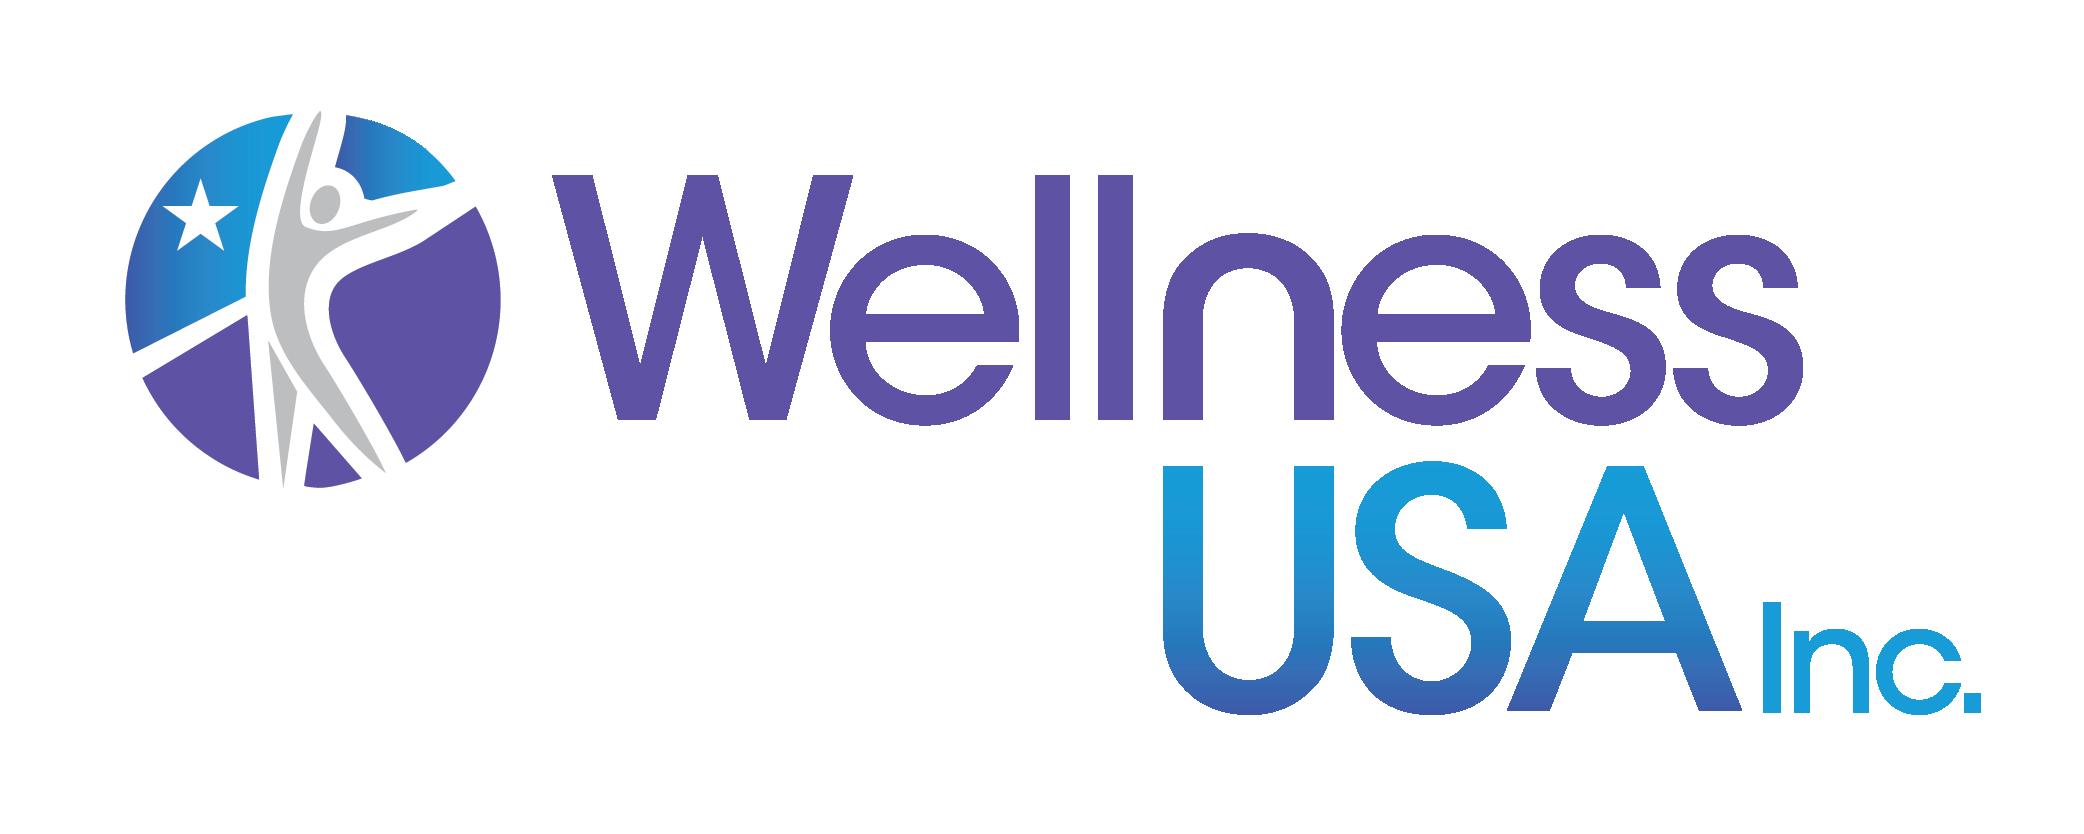 wellnessusa new logo